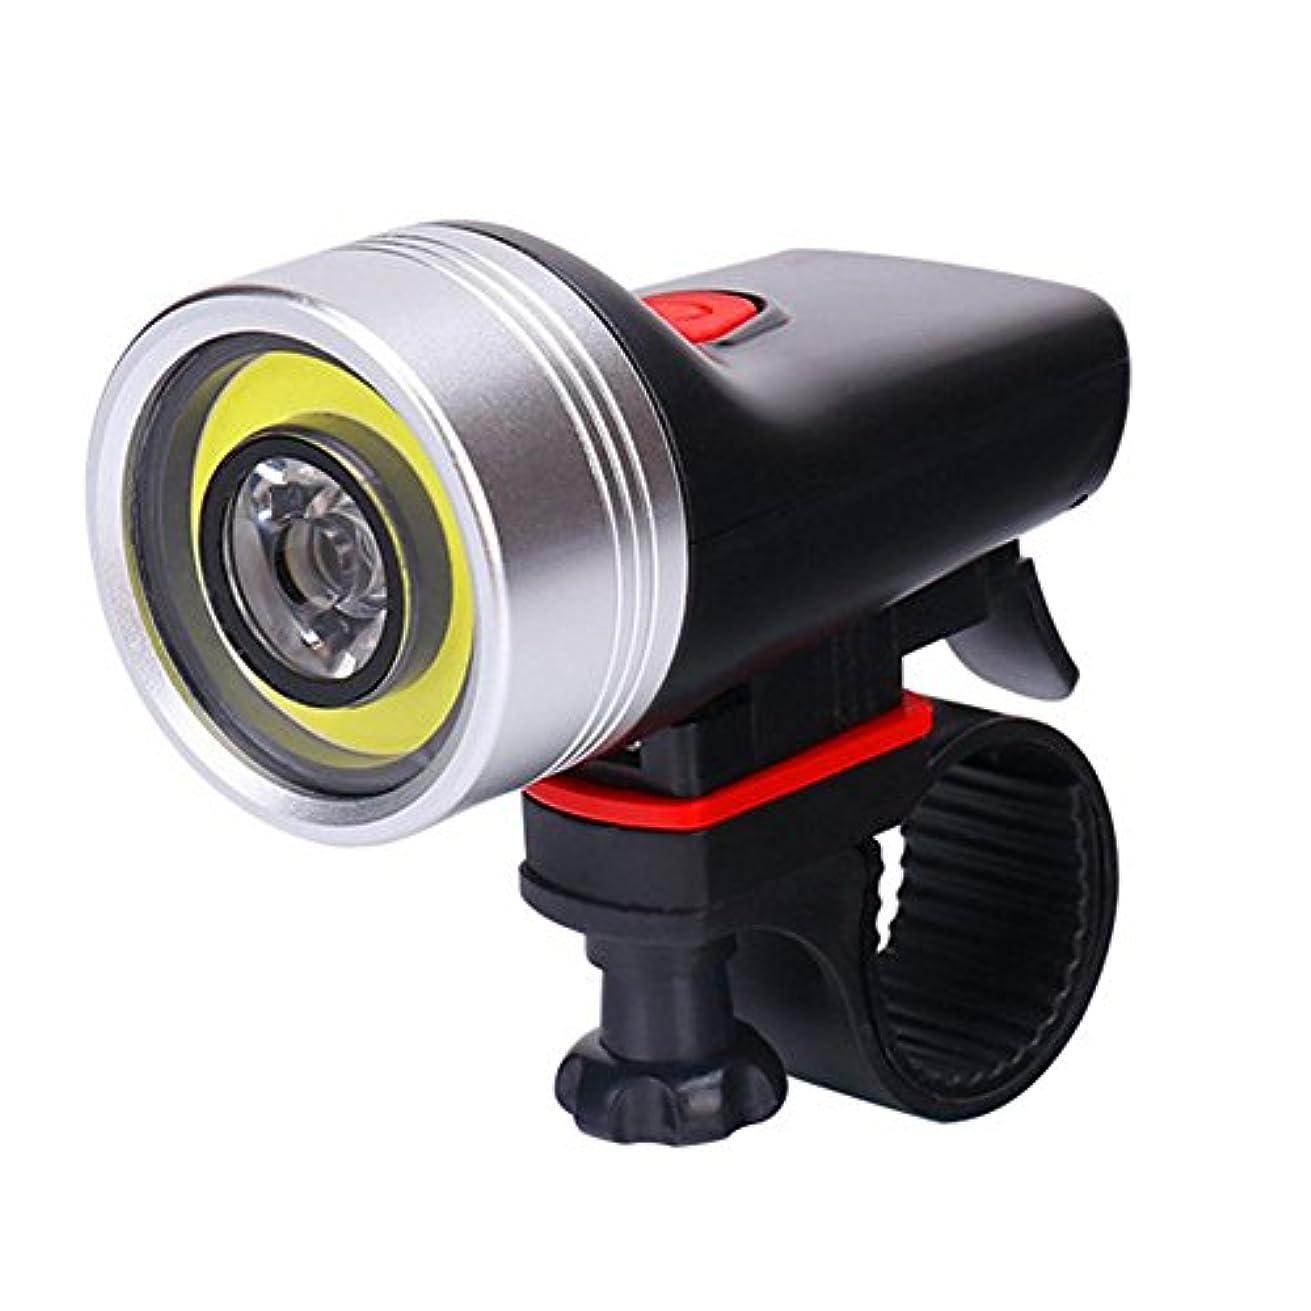 インカ帝国単なるご覧くださいK-outdoor 自転車ヘッドライト usb 充電式 自転車ランプ ライディング装備 アウトドア 警告灯